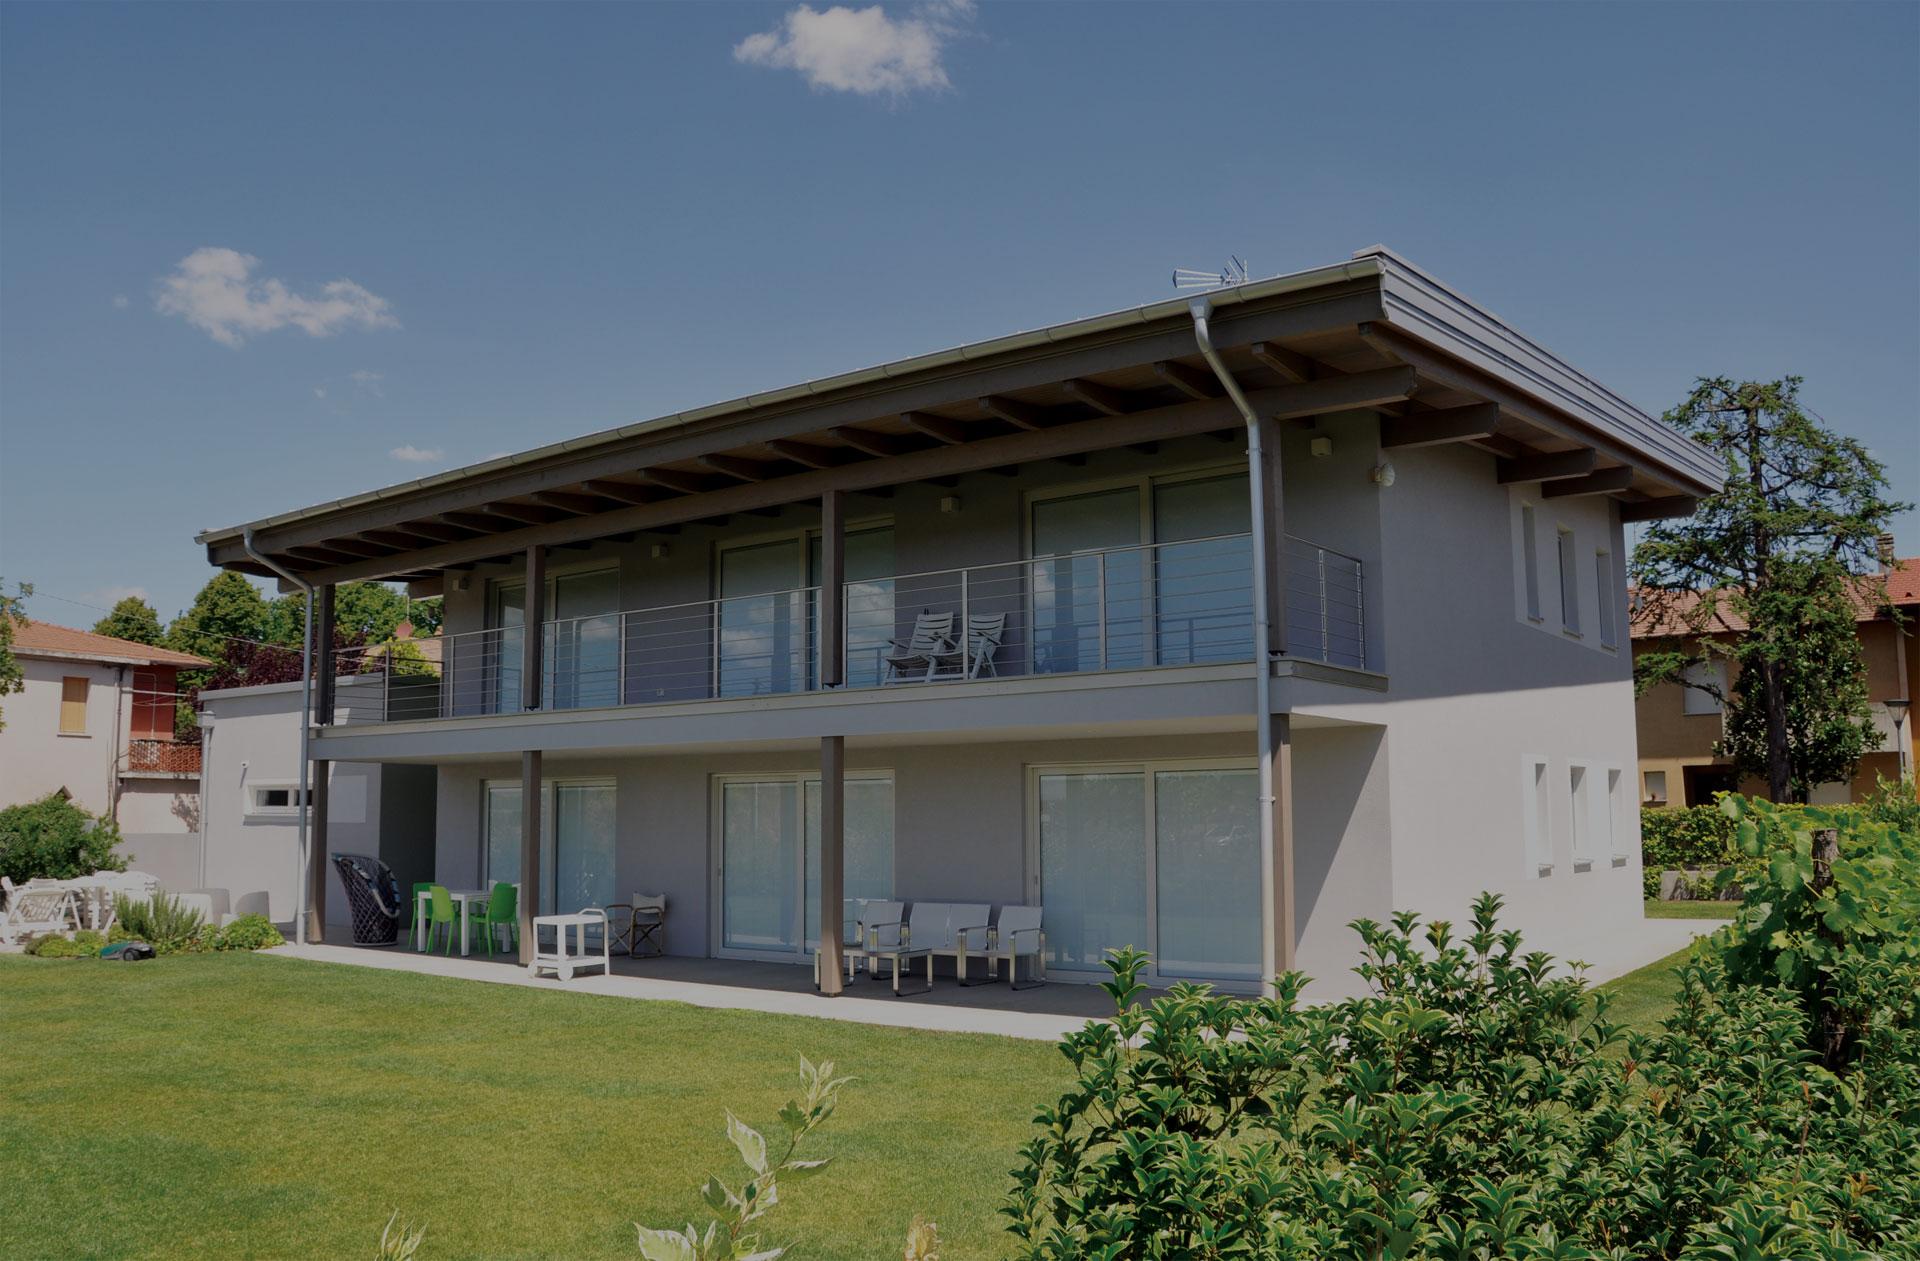 studio tecnico imola - progettazione architettonica residenziale industriale - studio 102 imola